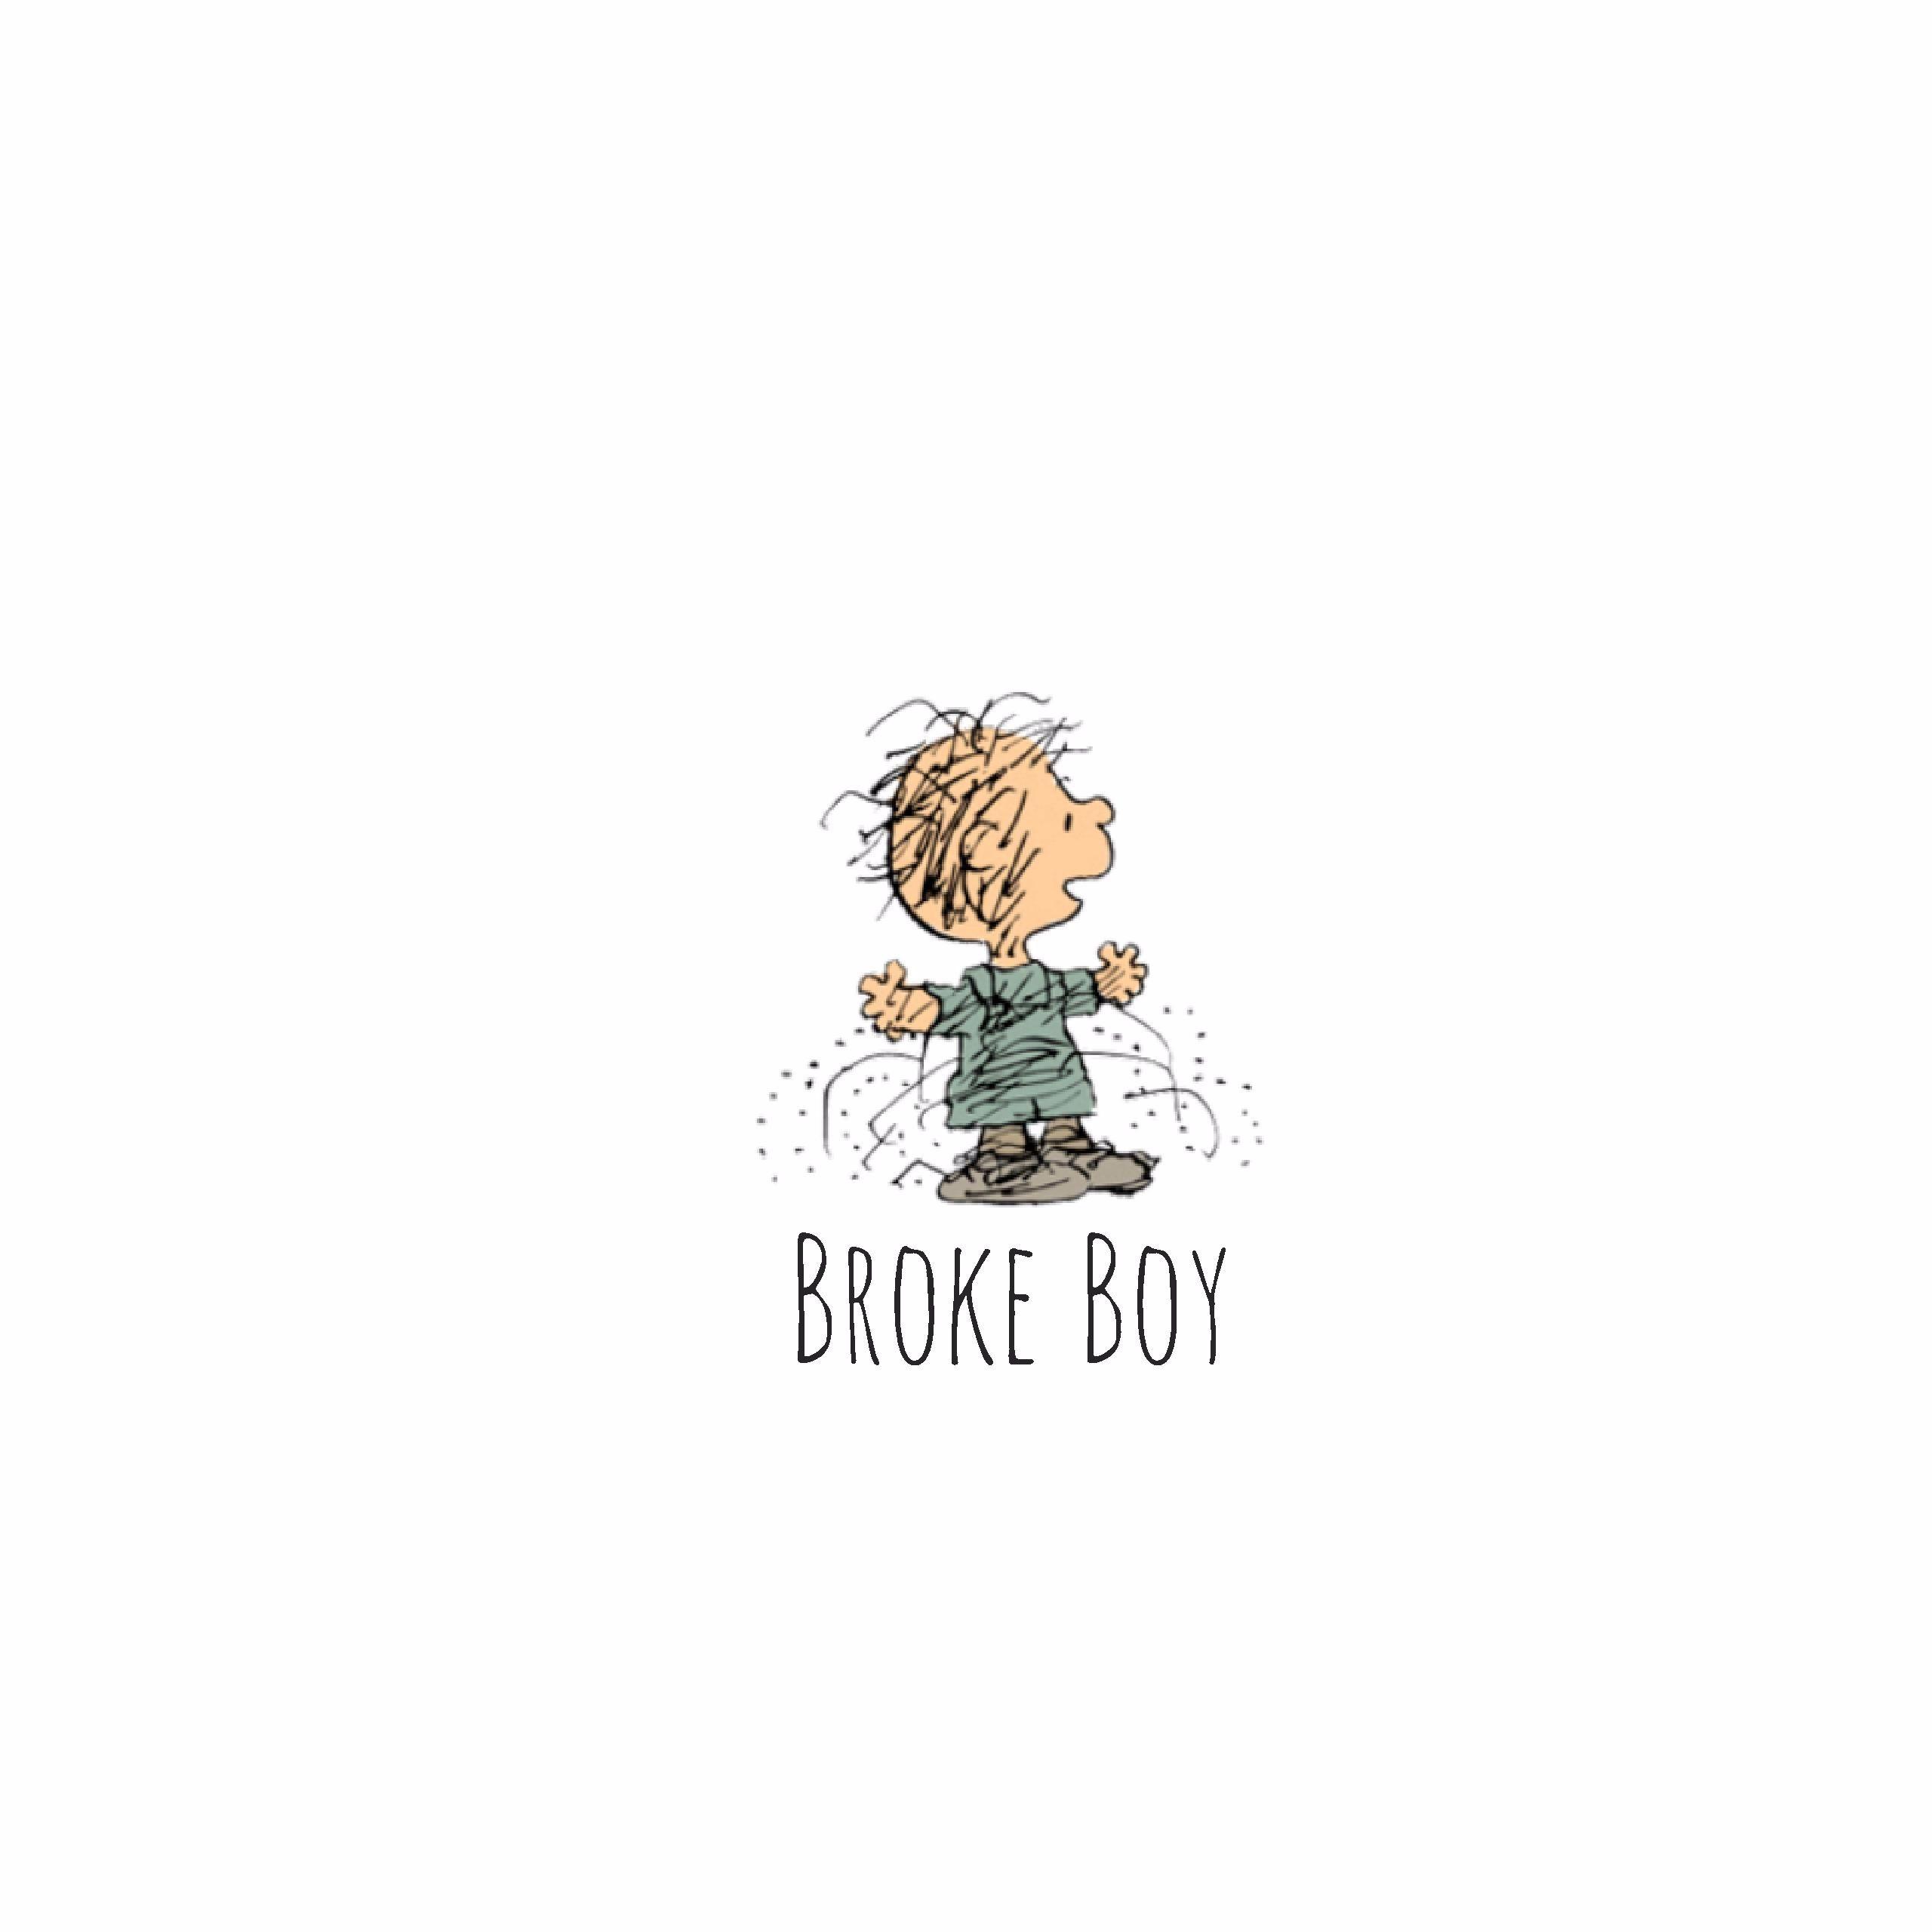 """Listen below to """"Broke Boy'"""